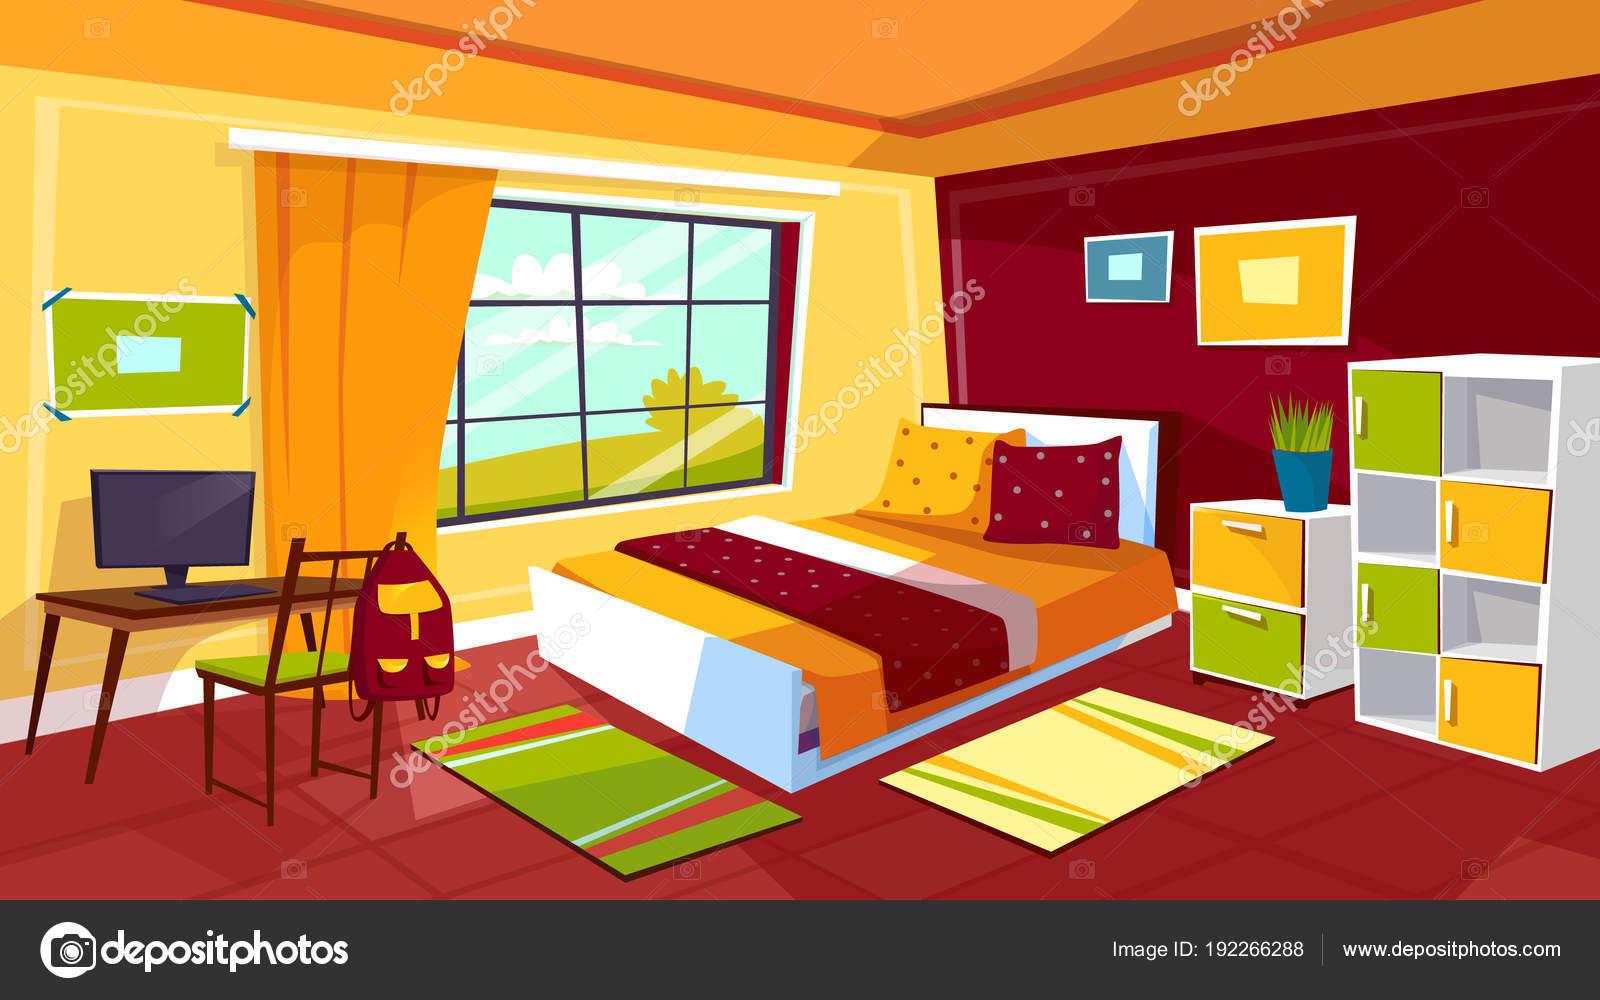 Tiener slaapkamer cartoon vectorillustratie van tiener meisje of